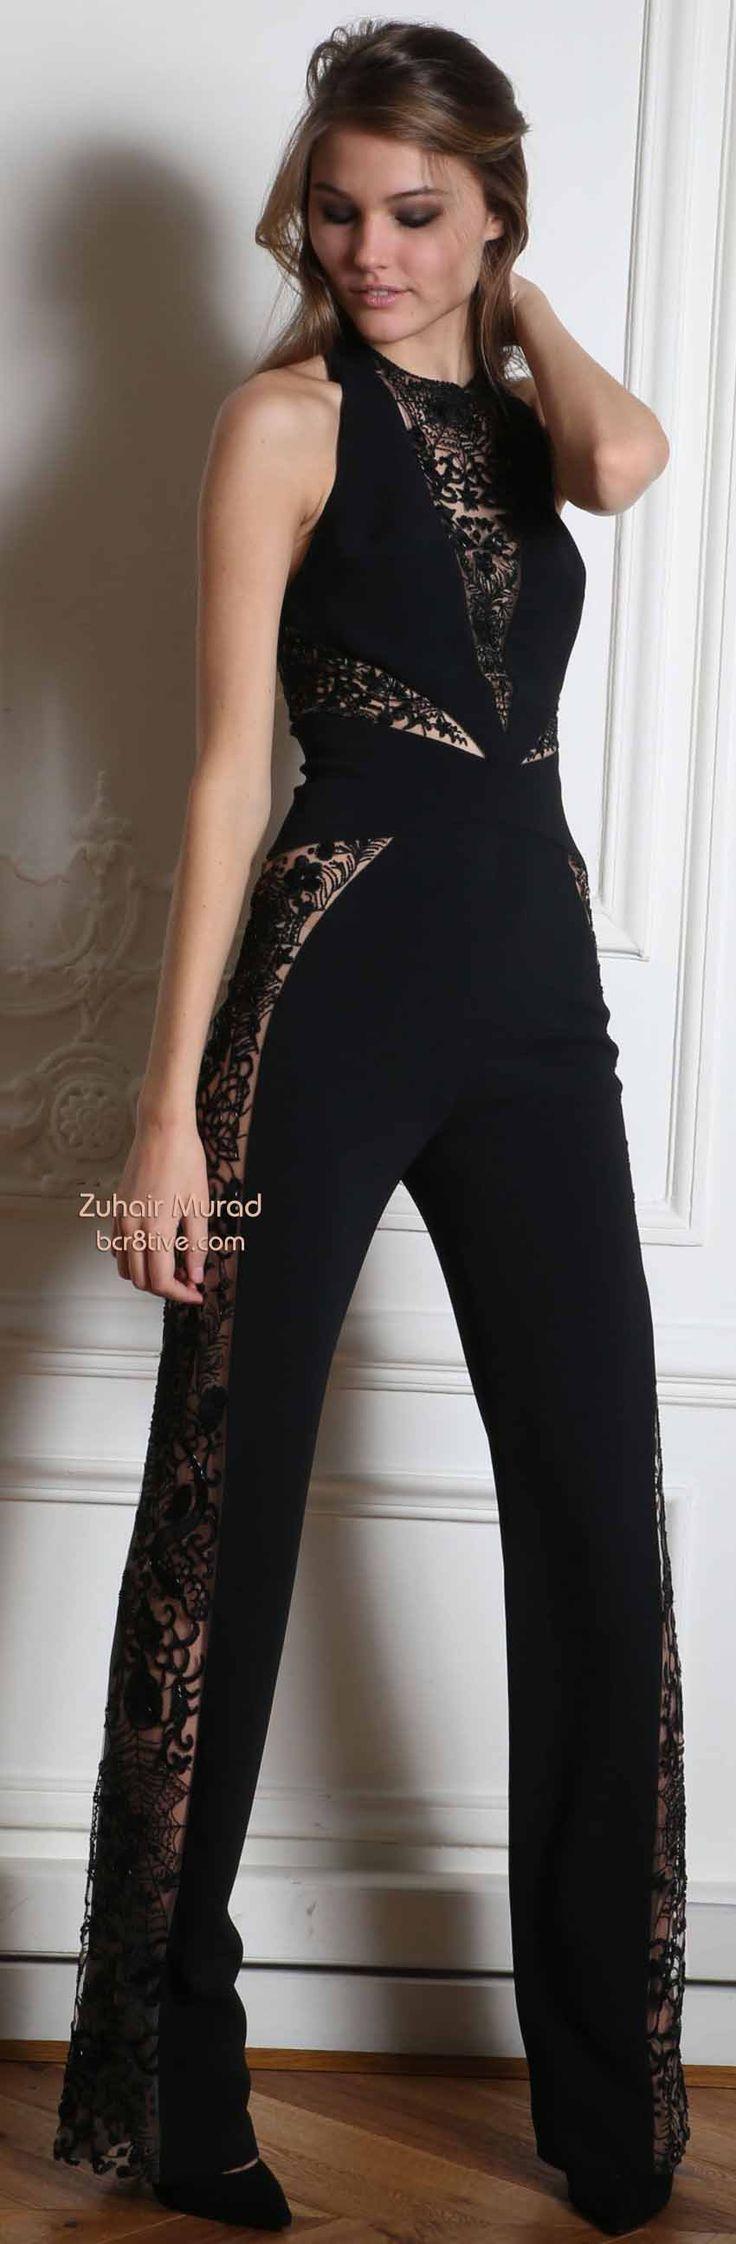 Cute Black Pant Jumpsuit - Zuhair Murad Fall Winter 2014-15 RTW